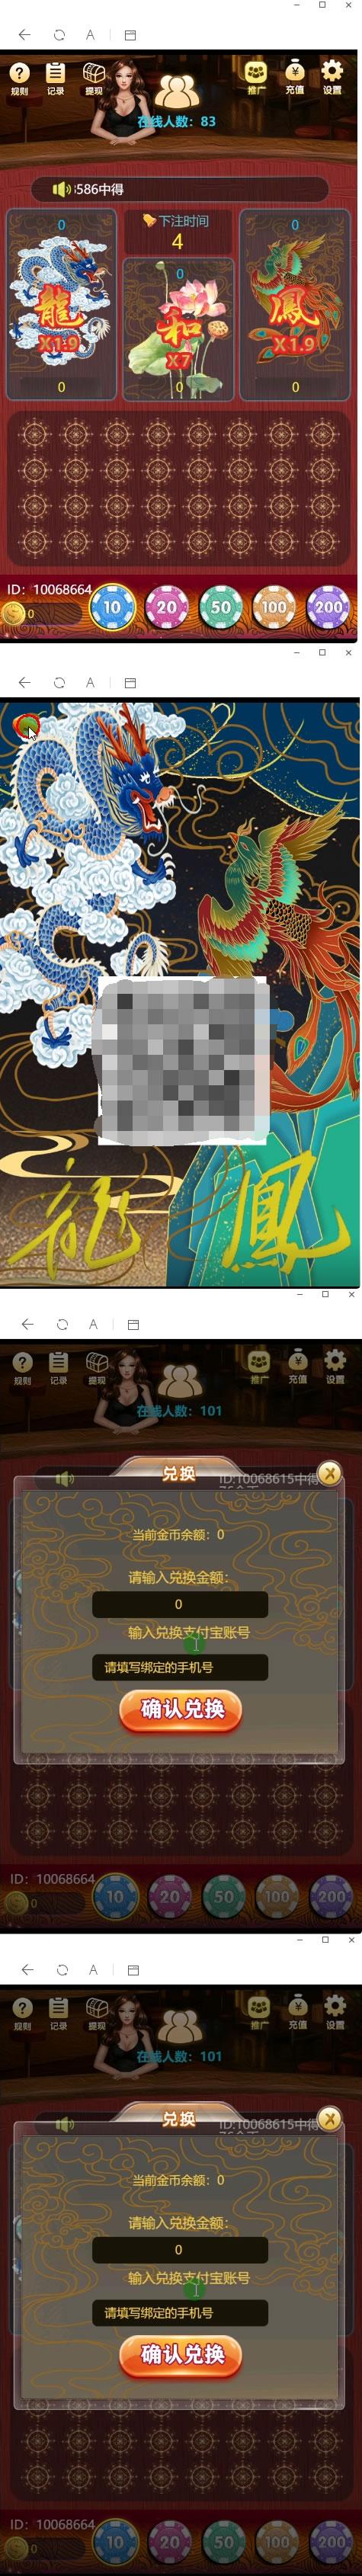 龙凤棋牌娱乐H5版全新UI免公众号完美运行棋牌源码 支持个人免签-爱资源分享